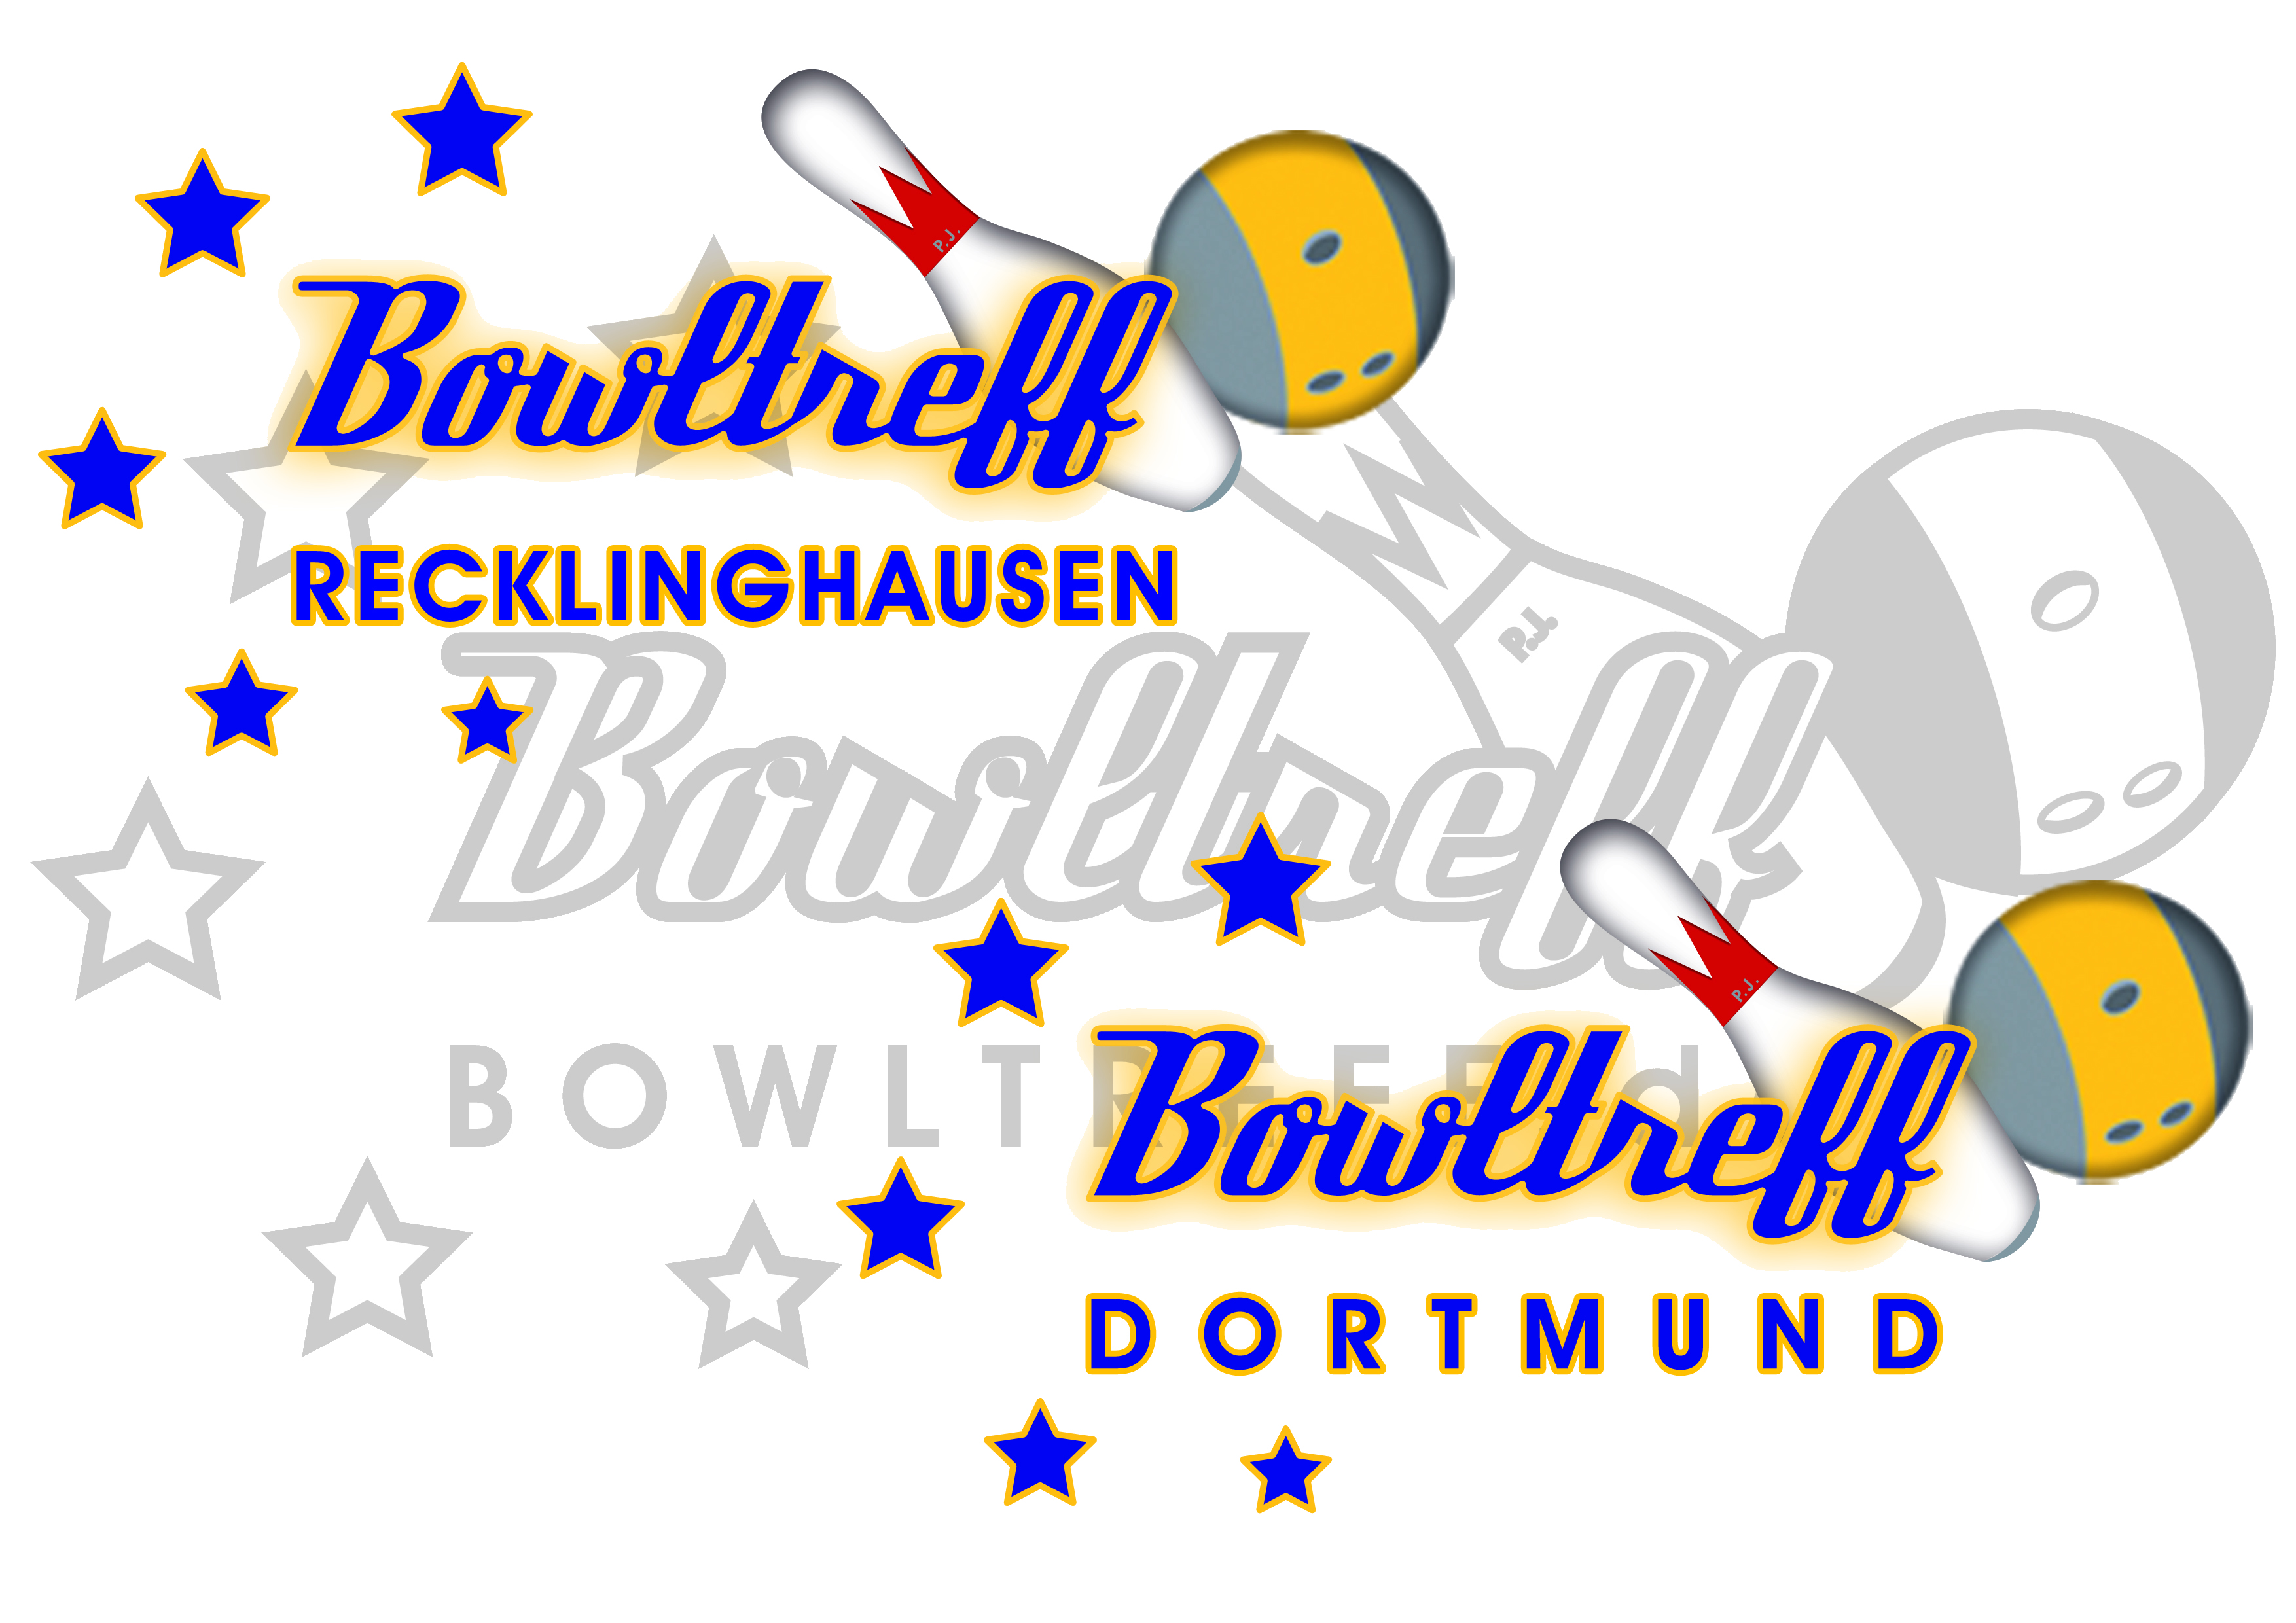 Bowltreff